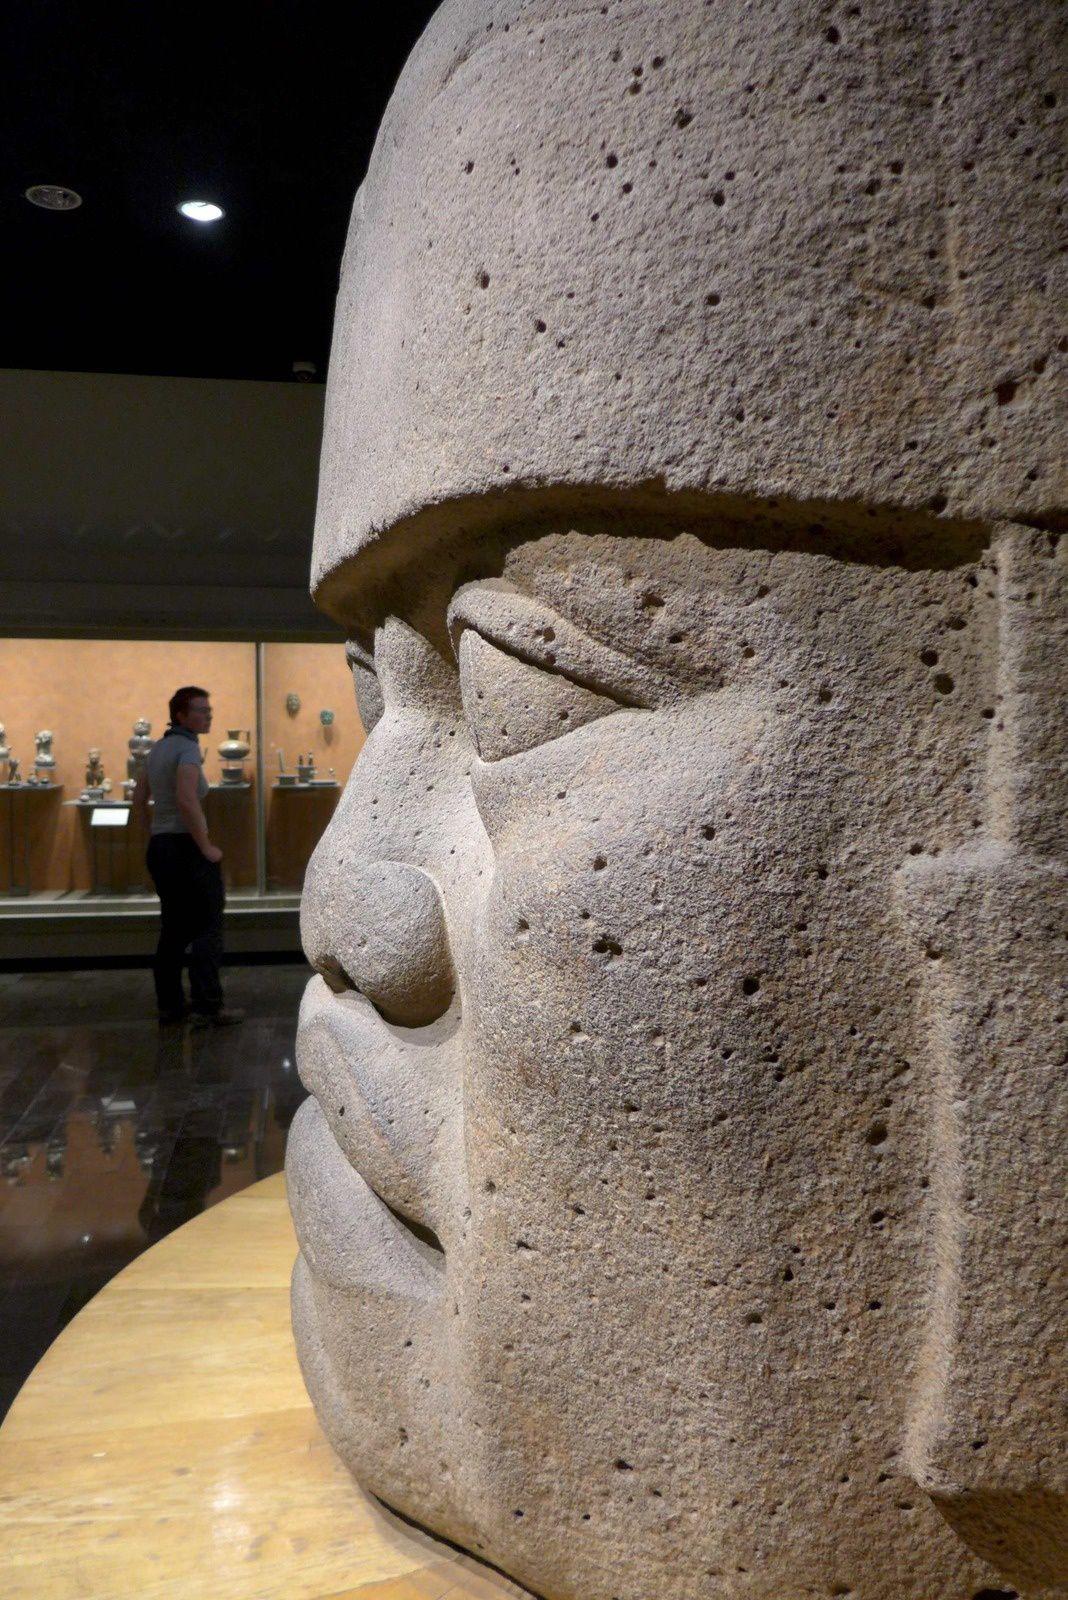 Fabuleux musée d'anthropologie, gigantesque nous y avons quasiment passé une journée tellement immense et intéressant. Les salles d'exposition sont réparties sur deux niveaux. Les salles du rez-de-chaussée sont dédiées au Mexique pré-hispanique &#x3B; à l'étage, les collections portent sur le mode de vie actuel des Indiens du Mexique, chaque culture contemporaine étant située juste au-dessus de la culture préhispanique dont elle descend